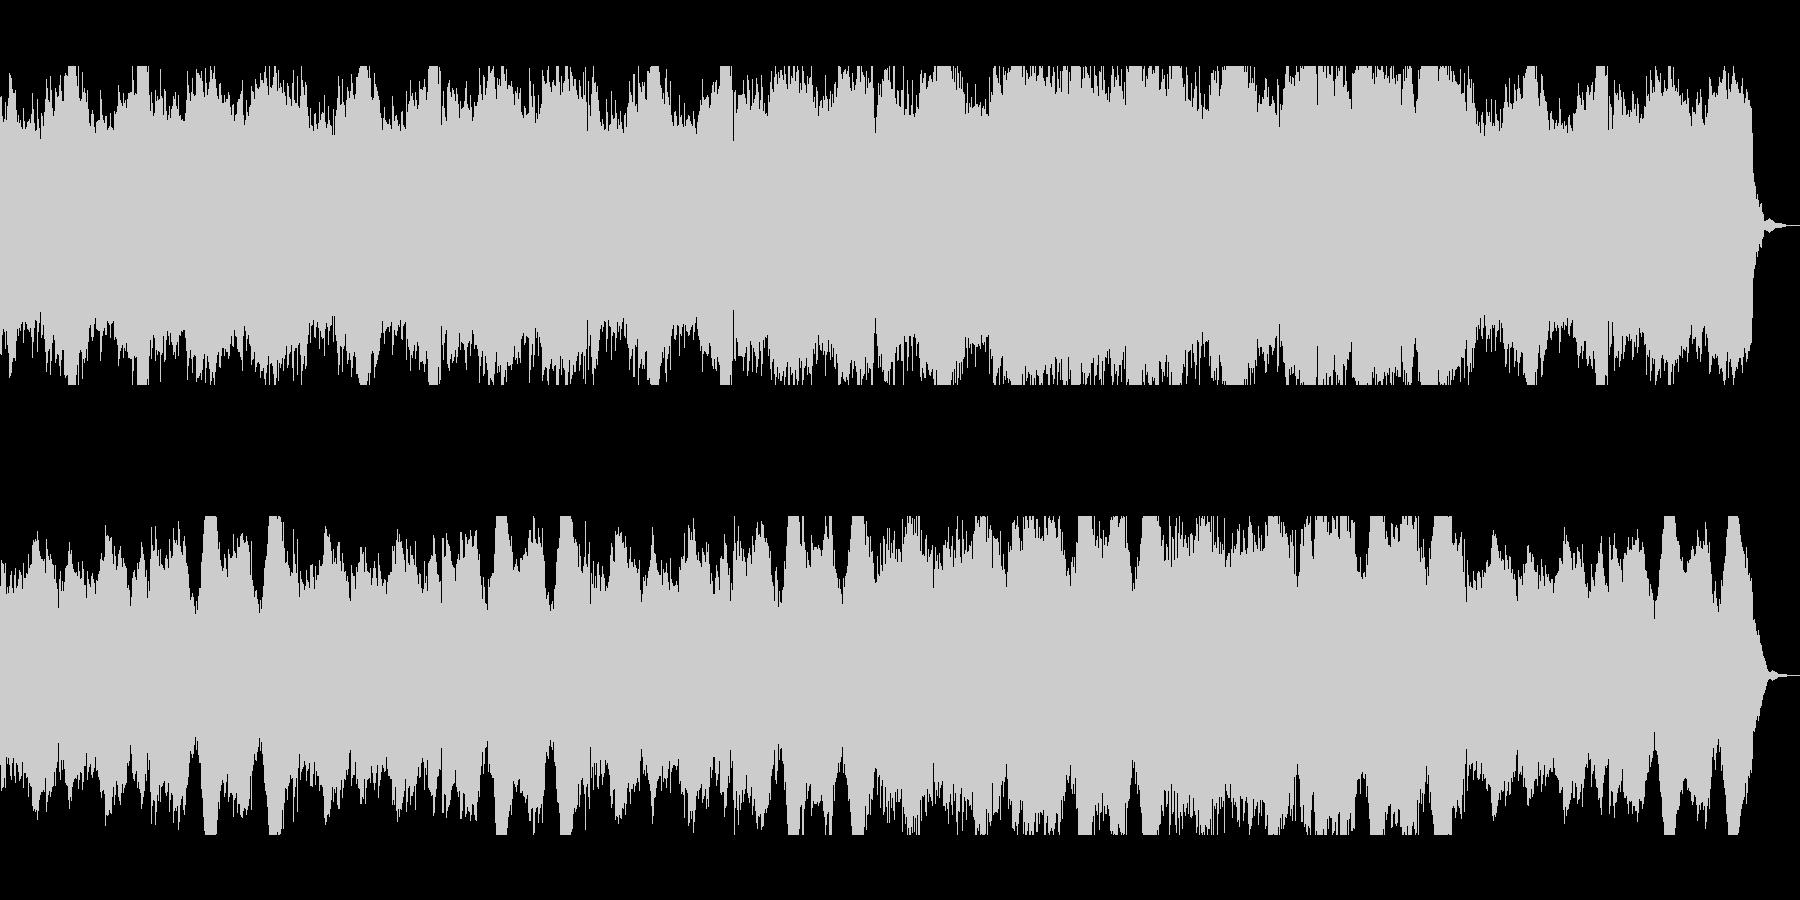 無機質で淡々としたミニマルミュージックの未再生の波形